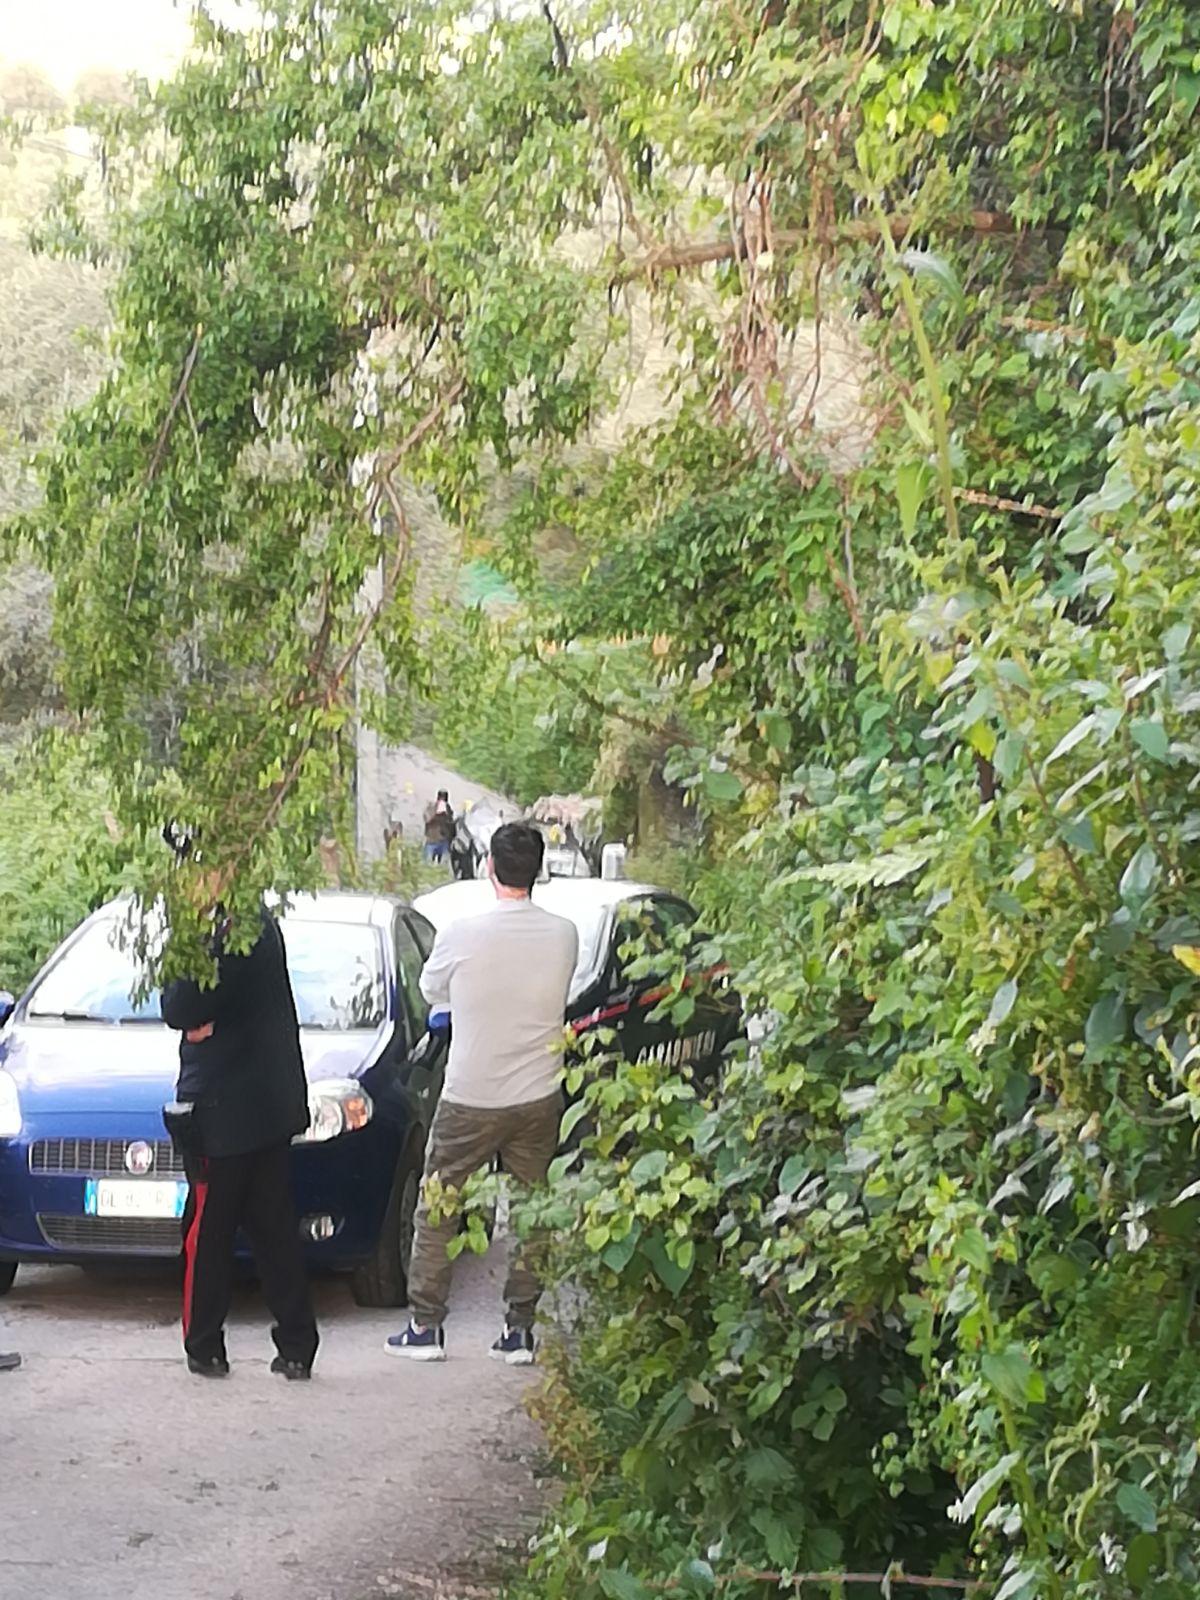 FOTO – Auto esplode nel Vibonese, un morto e un ferito